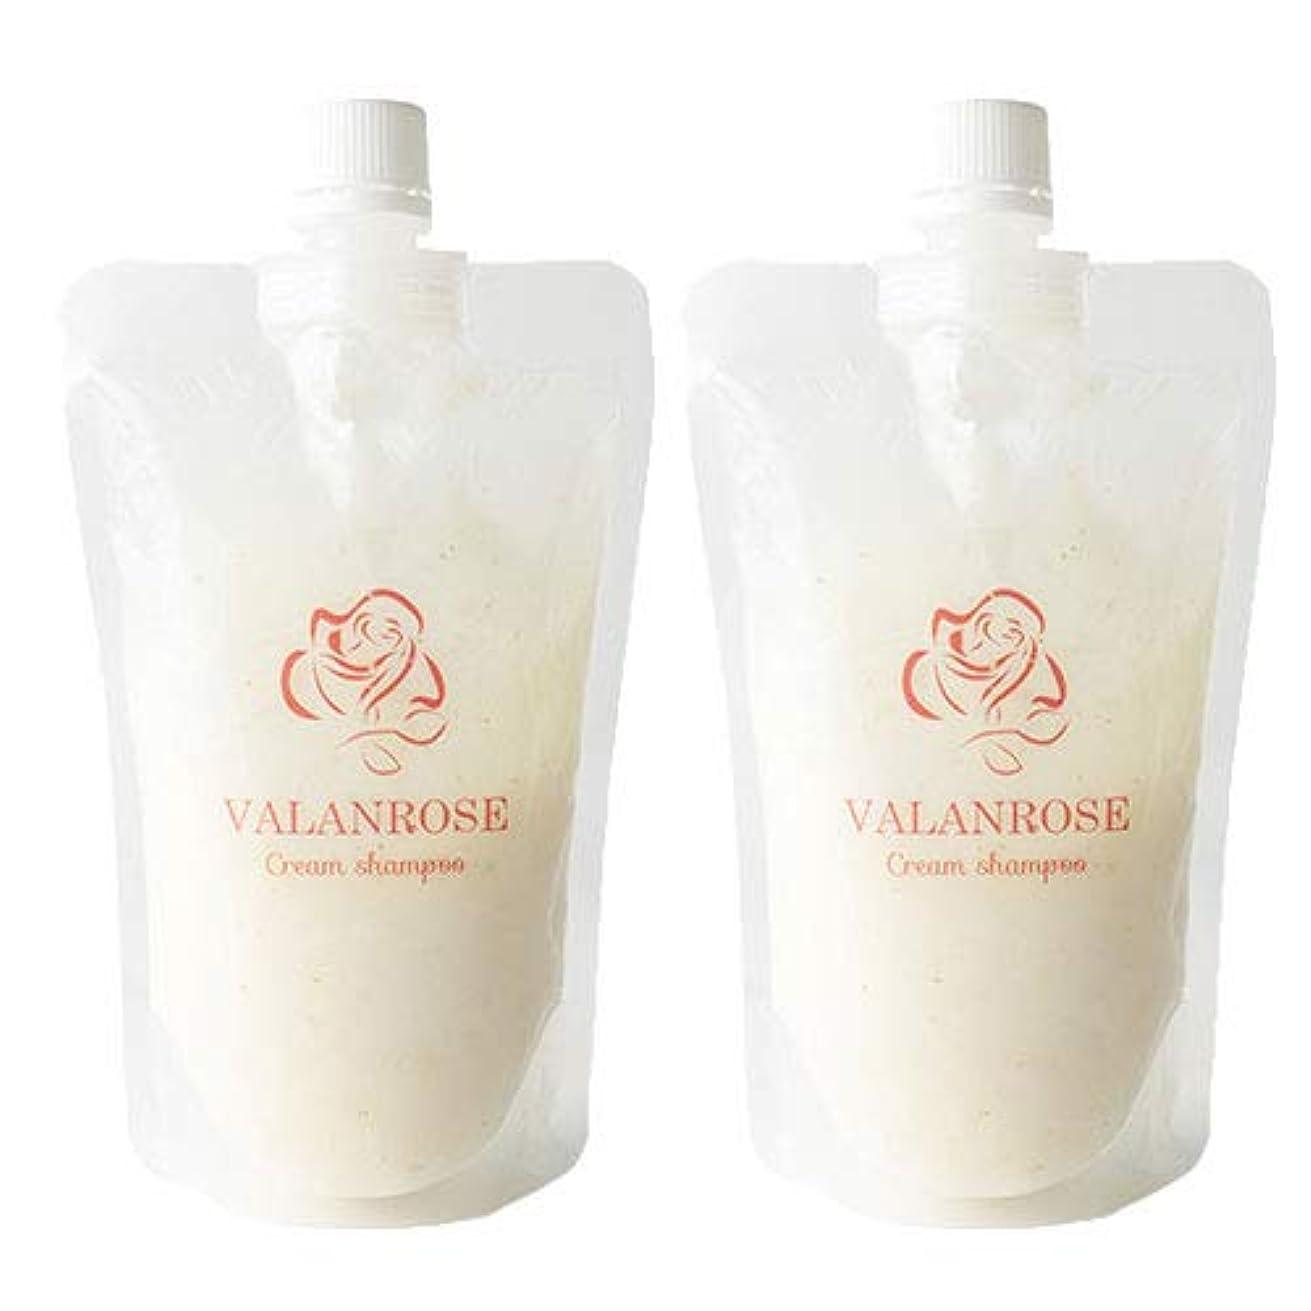 バランローズ クリームシャンプー2個×1セット VALANROSE Cream shampoo/シャンプー クリームシャンプー 髪 ヘアケア